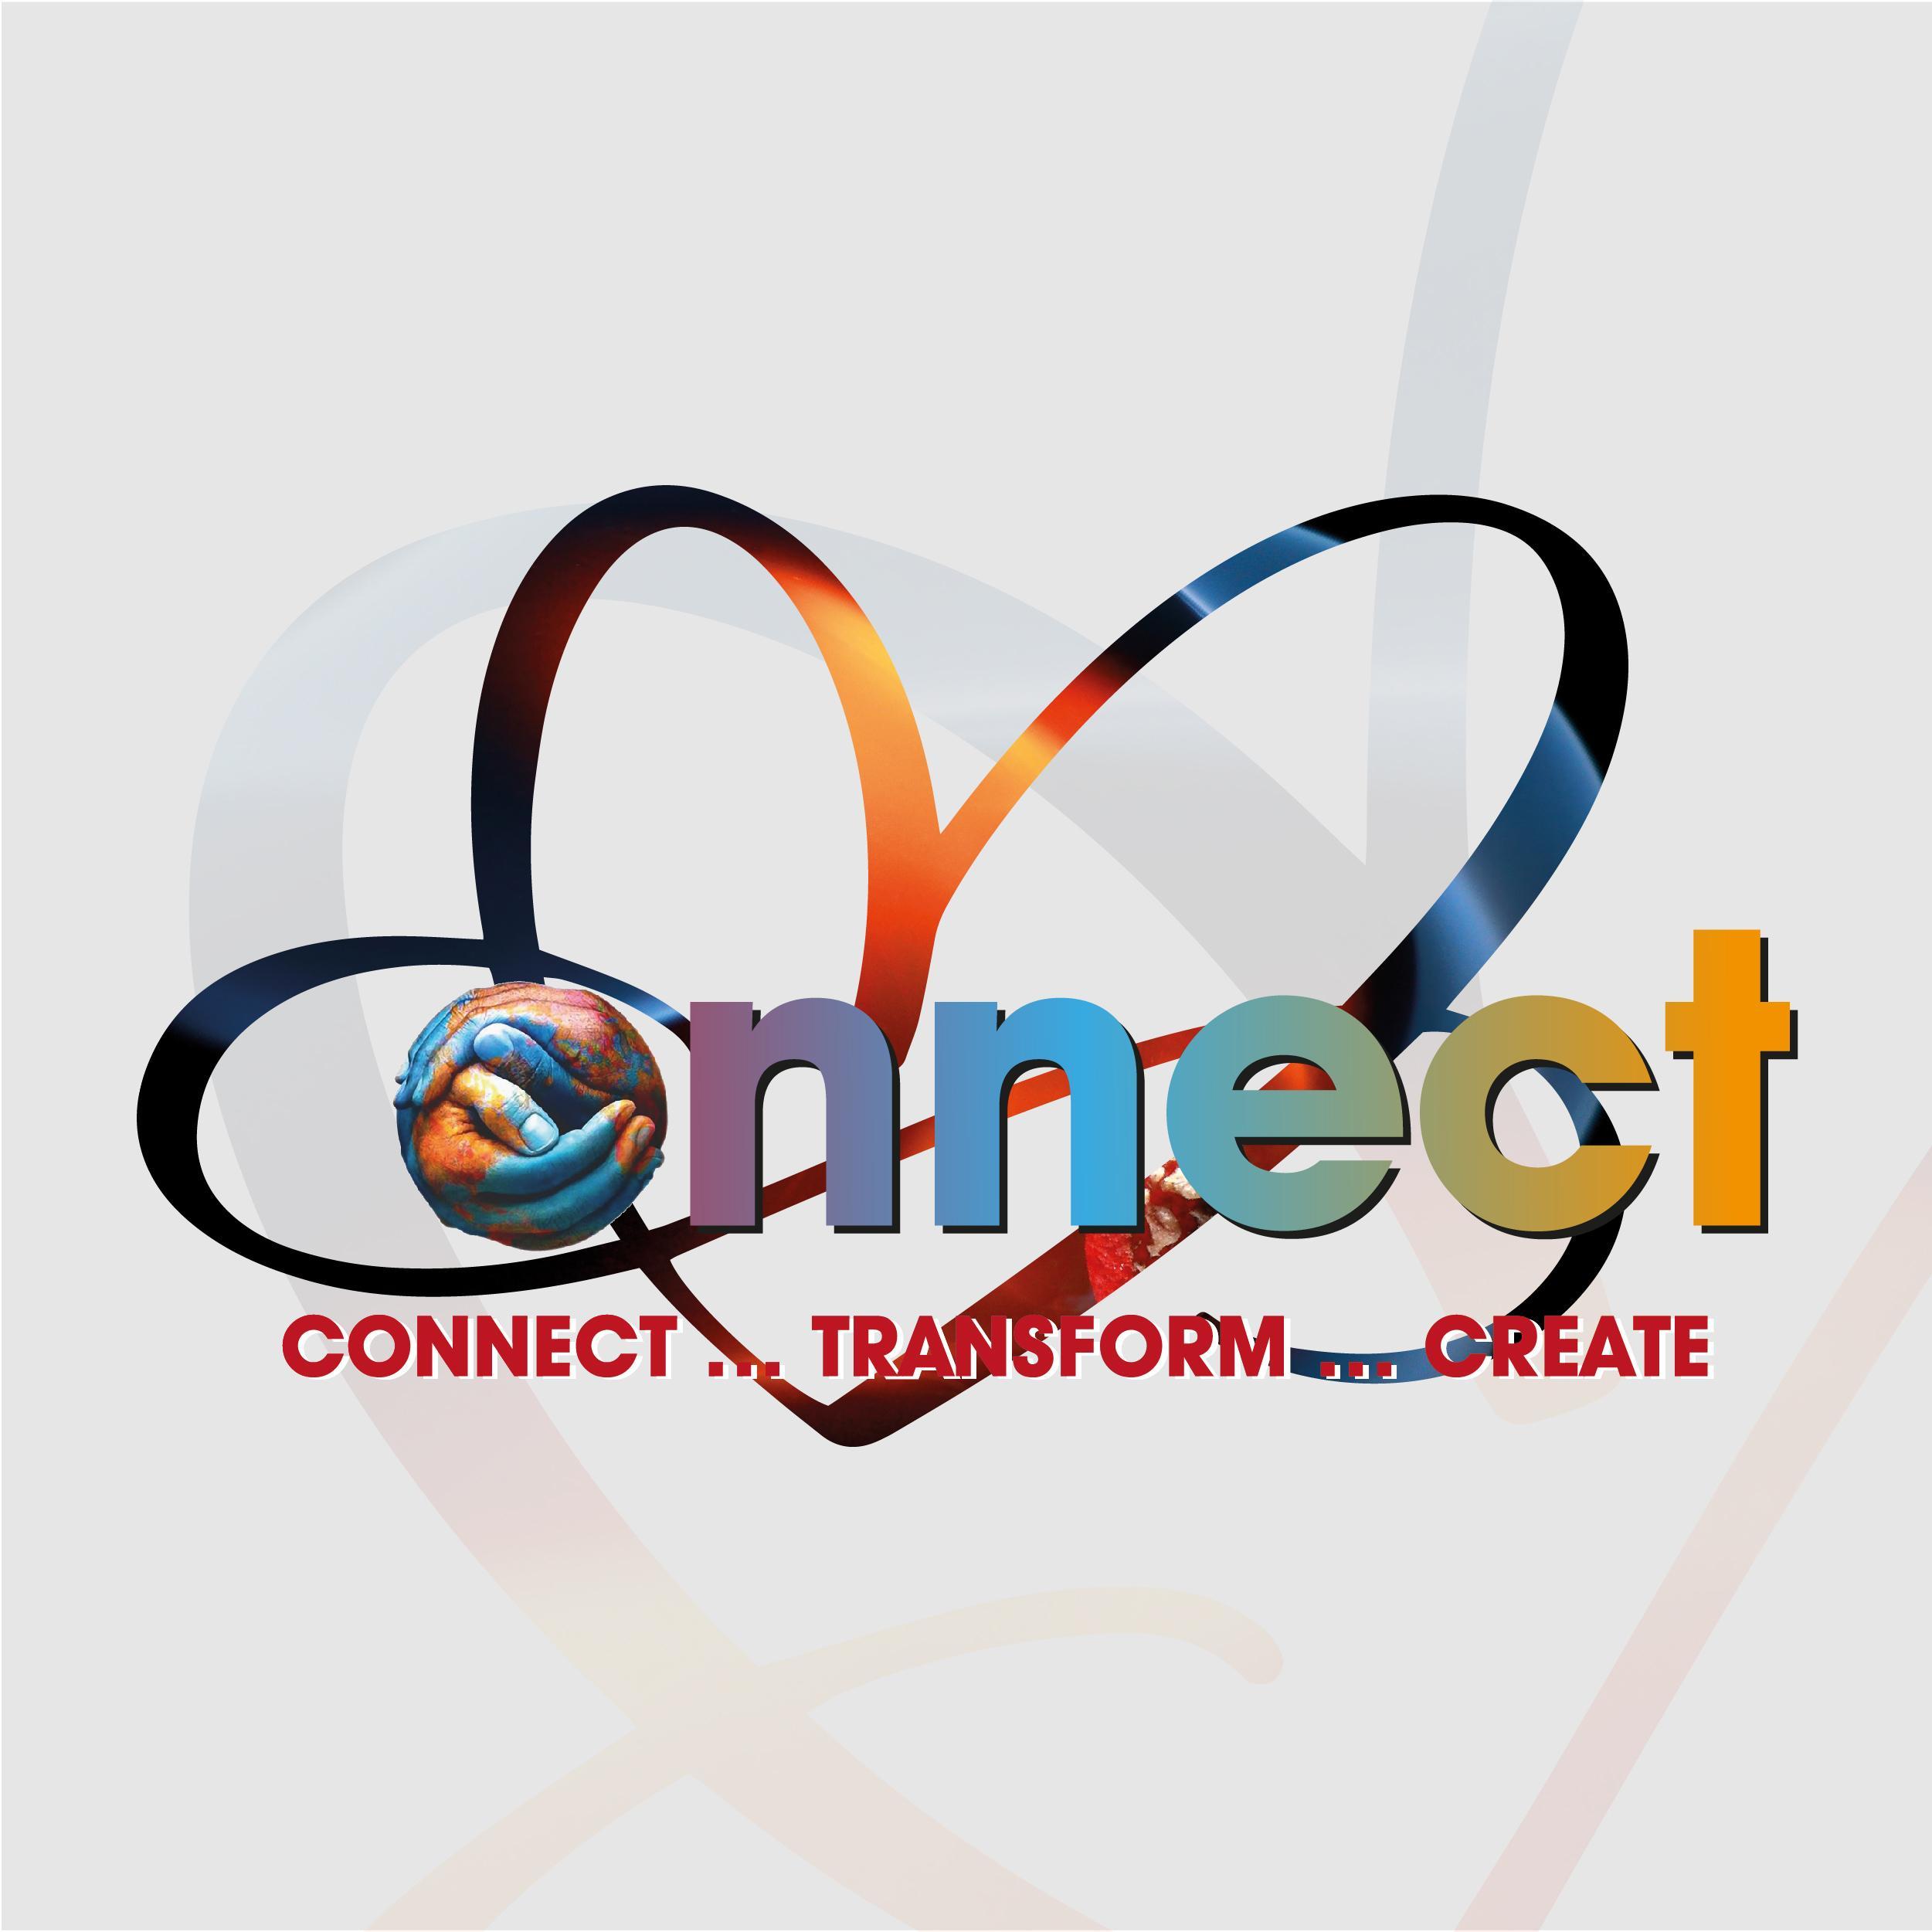 Connect @ The Indigo